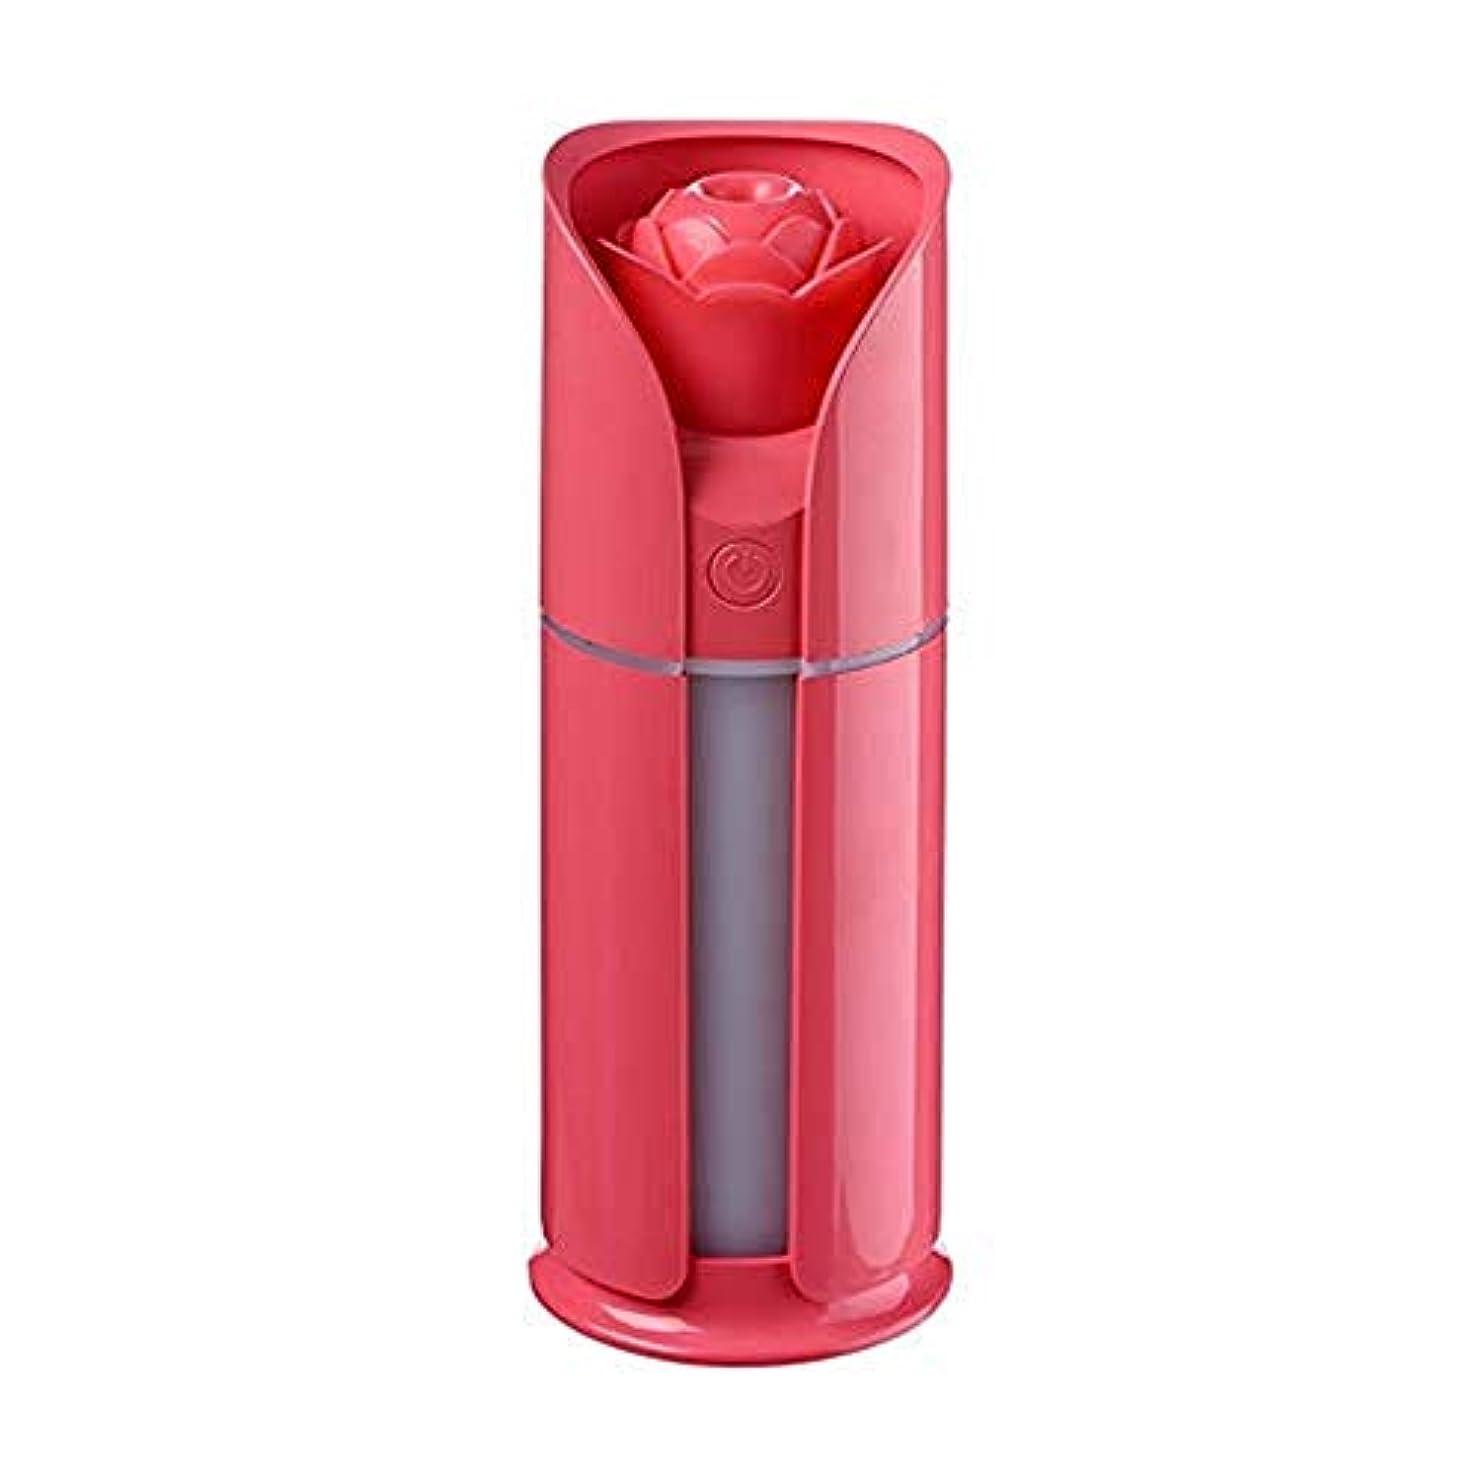 幻影祝福する競合他社選手KAKACITY 調節可能な散水なしの自動シャットダウンを備えた新鮮なミスト130 MLの加湿器 (色 : レッド)